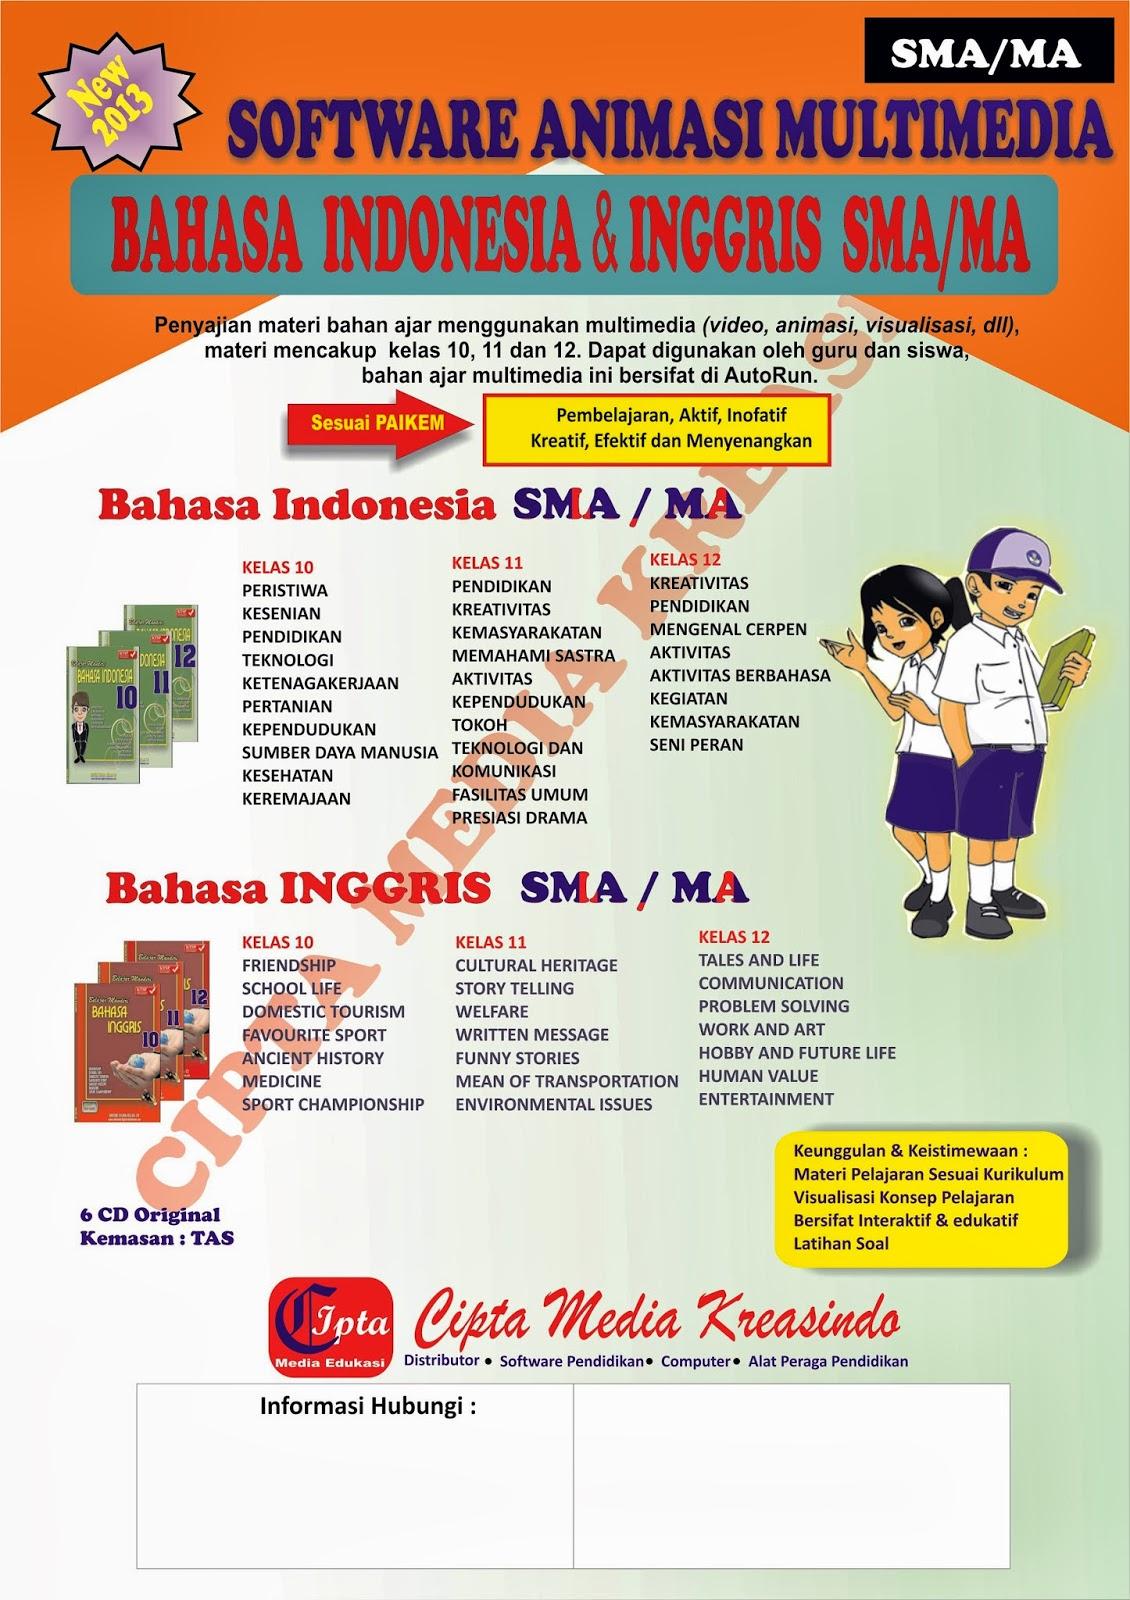 Contoh Ptk Speaking Bahasa Inggris Contoh Proposal Ptk Bahasa Inggris Media Grafika Interaktif Mata Pelajaran Bahasa Indonesia And Bahasa Inggris Smama